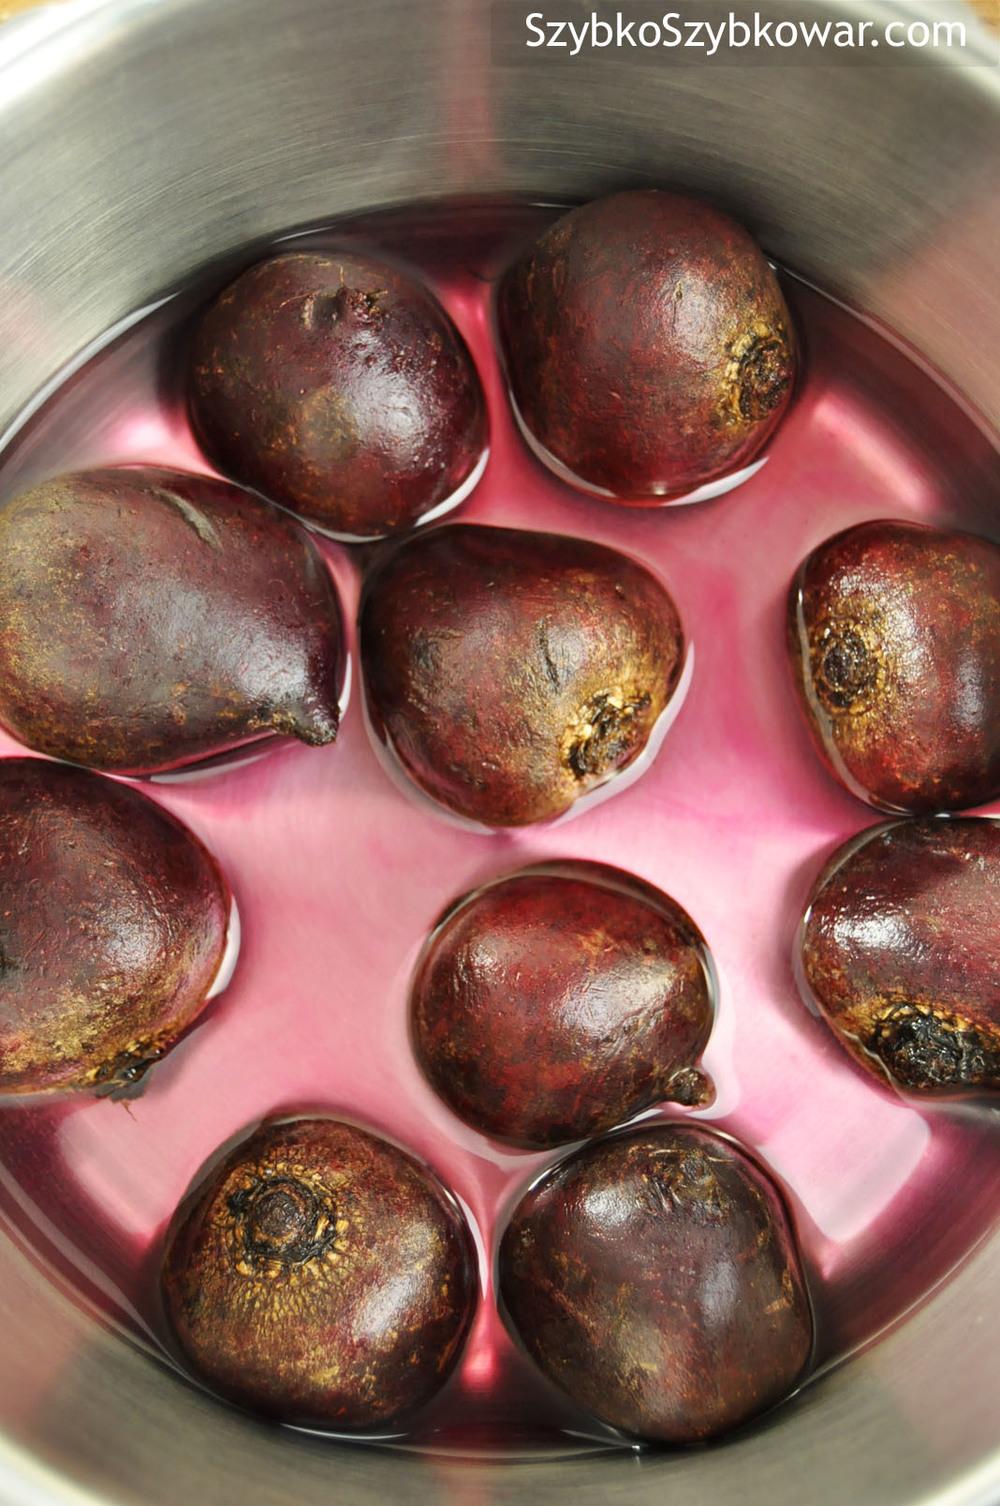 Buraczki (60 g - 70g): wyszorowane, zalane zimną wodą i gotowe do gotowania.